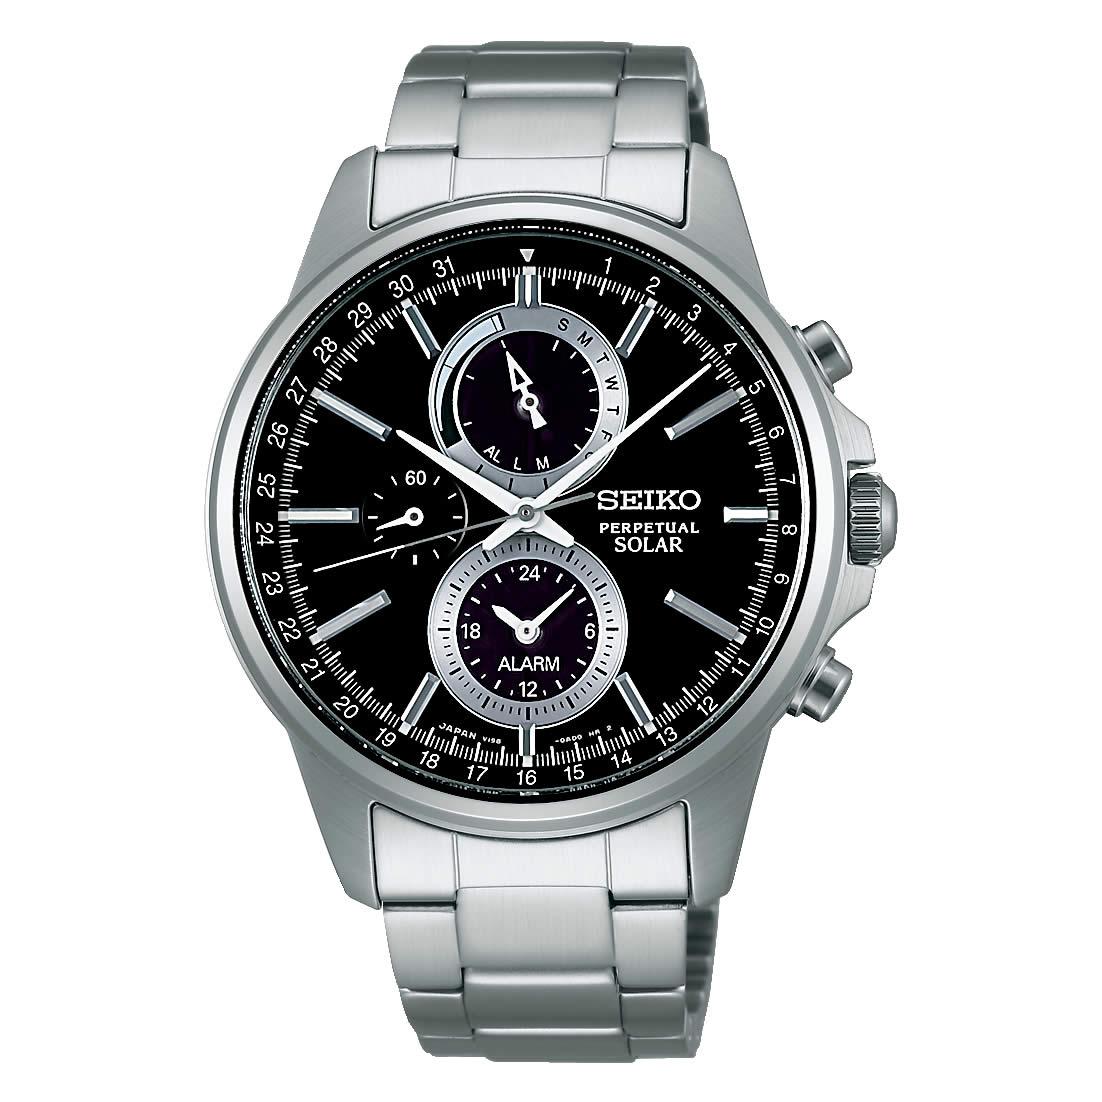 【送料無料】【国内正規品】セイコー スピリット SEIKO SPIRIT 腕時計 ソーラー クロノグラフ メンズ SBPJ005 100M 10気圧防水 ビジネス シンプル ソーラー腕時計 きれいめ 人気 うでどけい とけい WATCH 時計【取り寄せ】